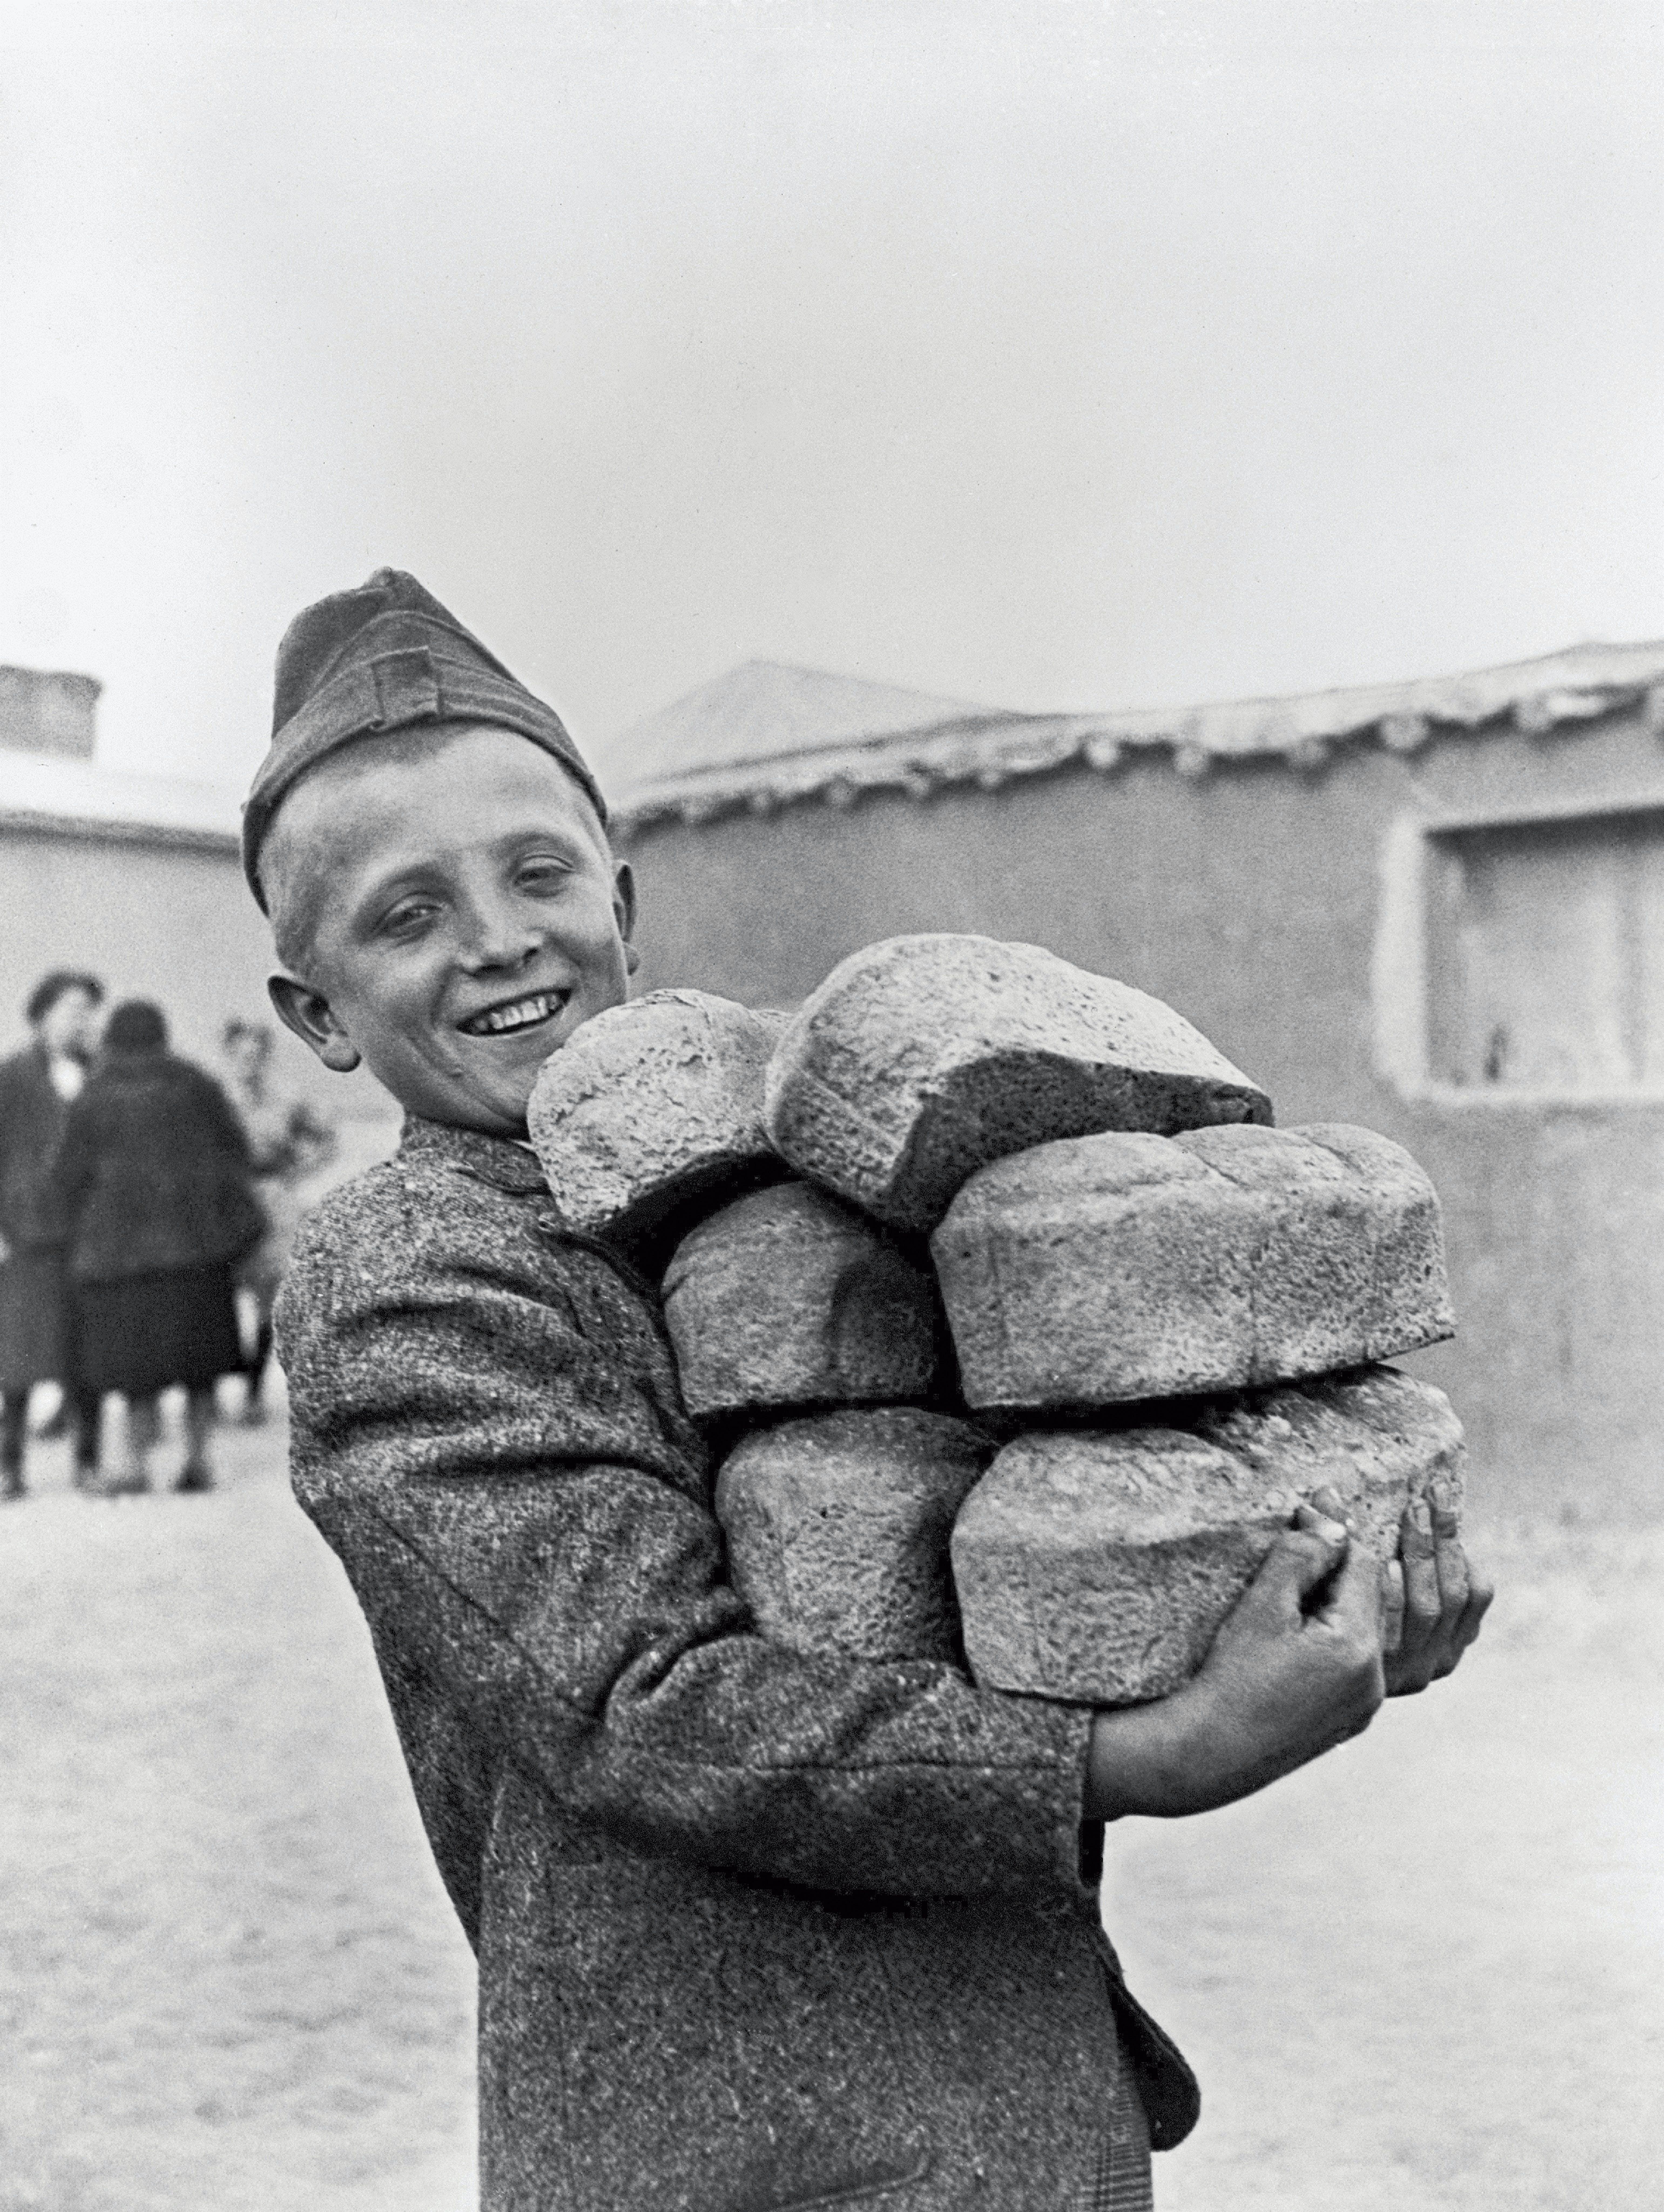 Polonia, 1946: un ragazzo sorride mentre trasporta 6 filoni di pane